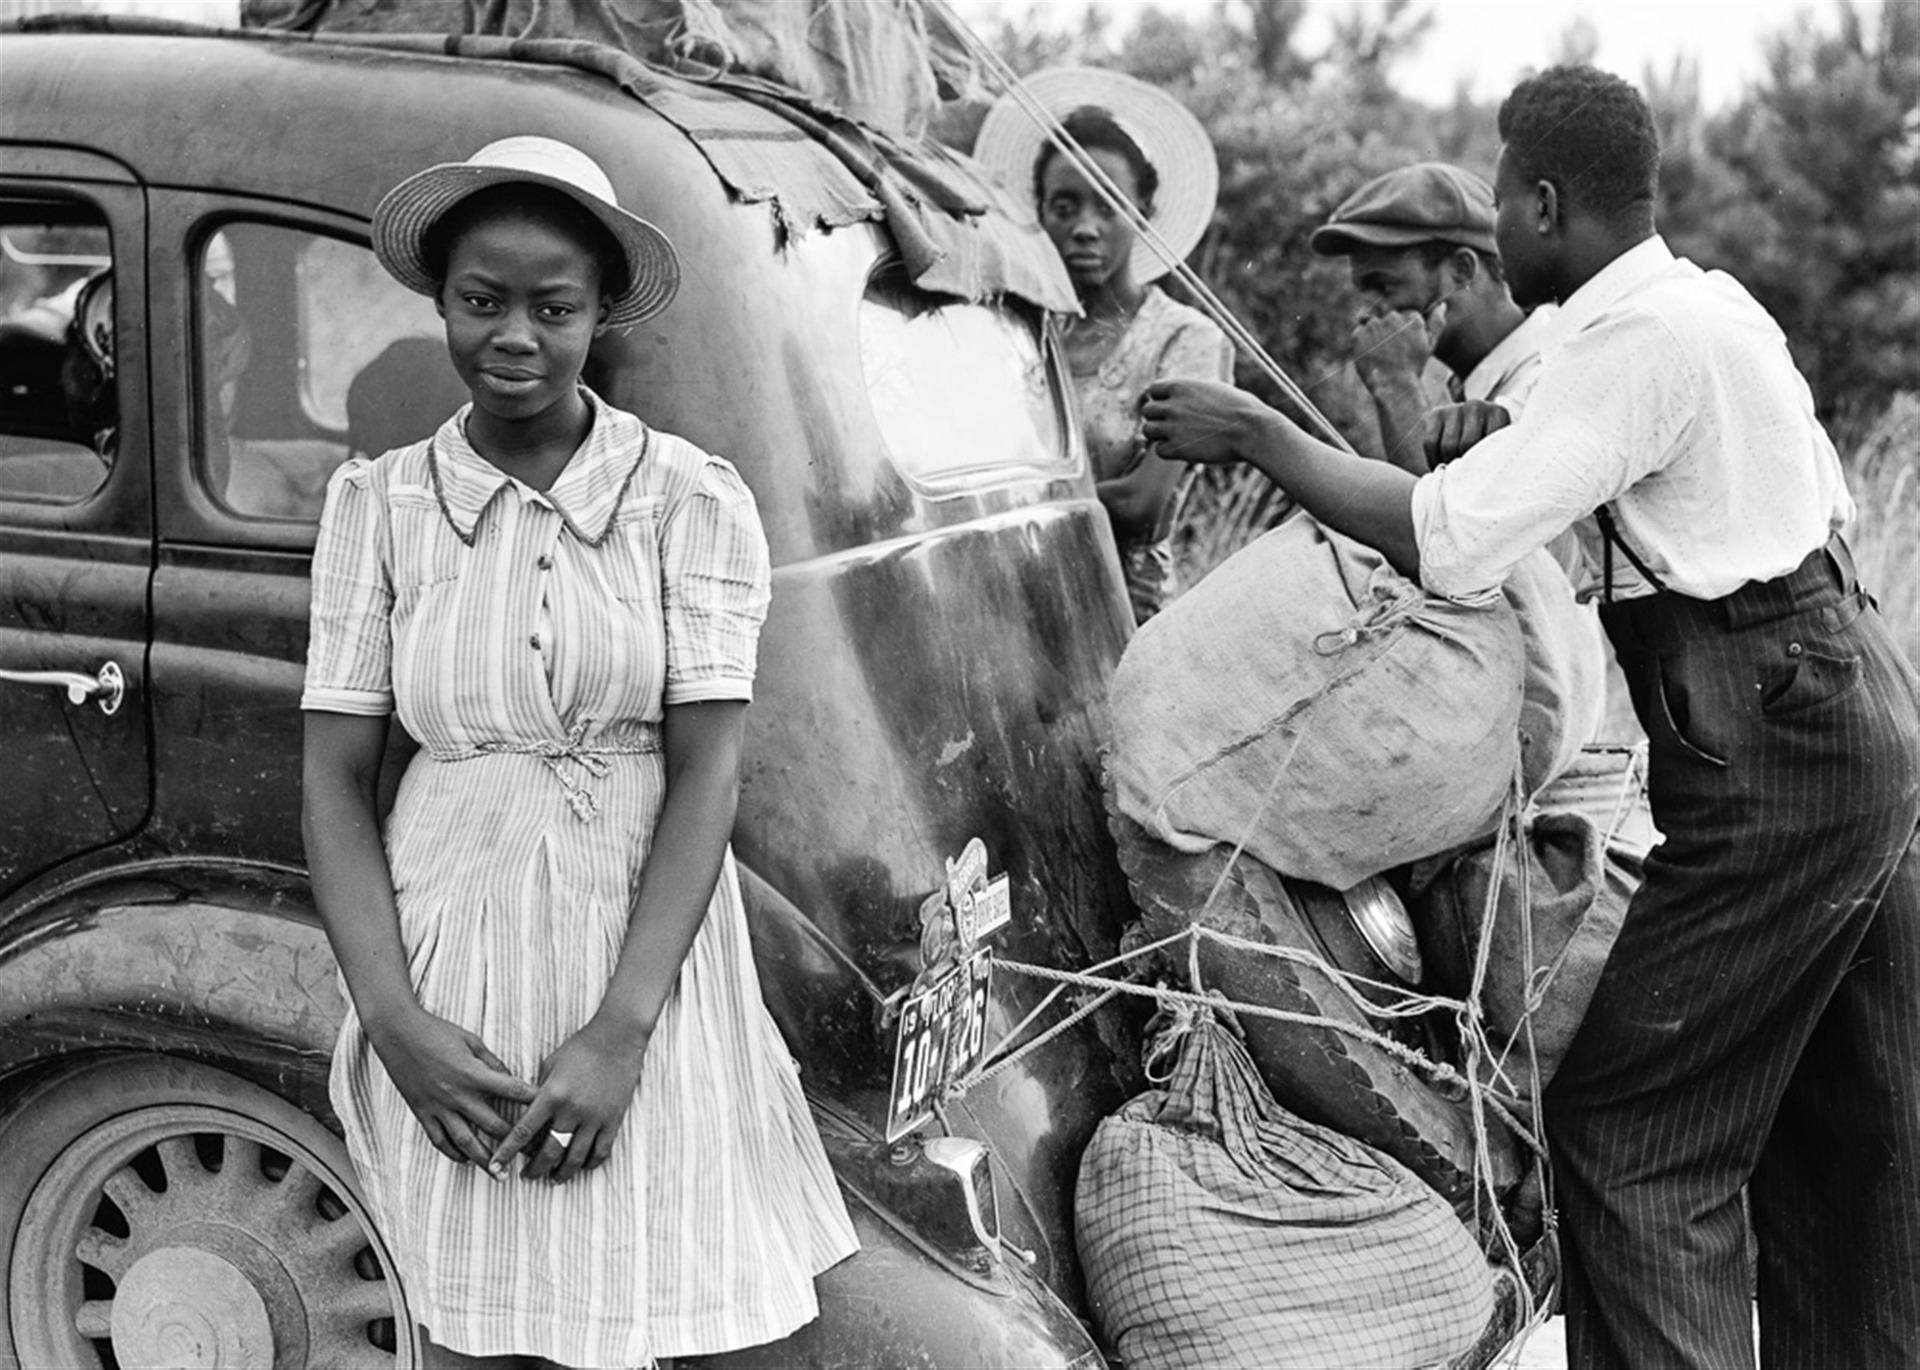 1920, des afro-américains à la recherche d'un meilleur cadre de vie